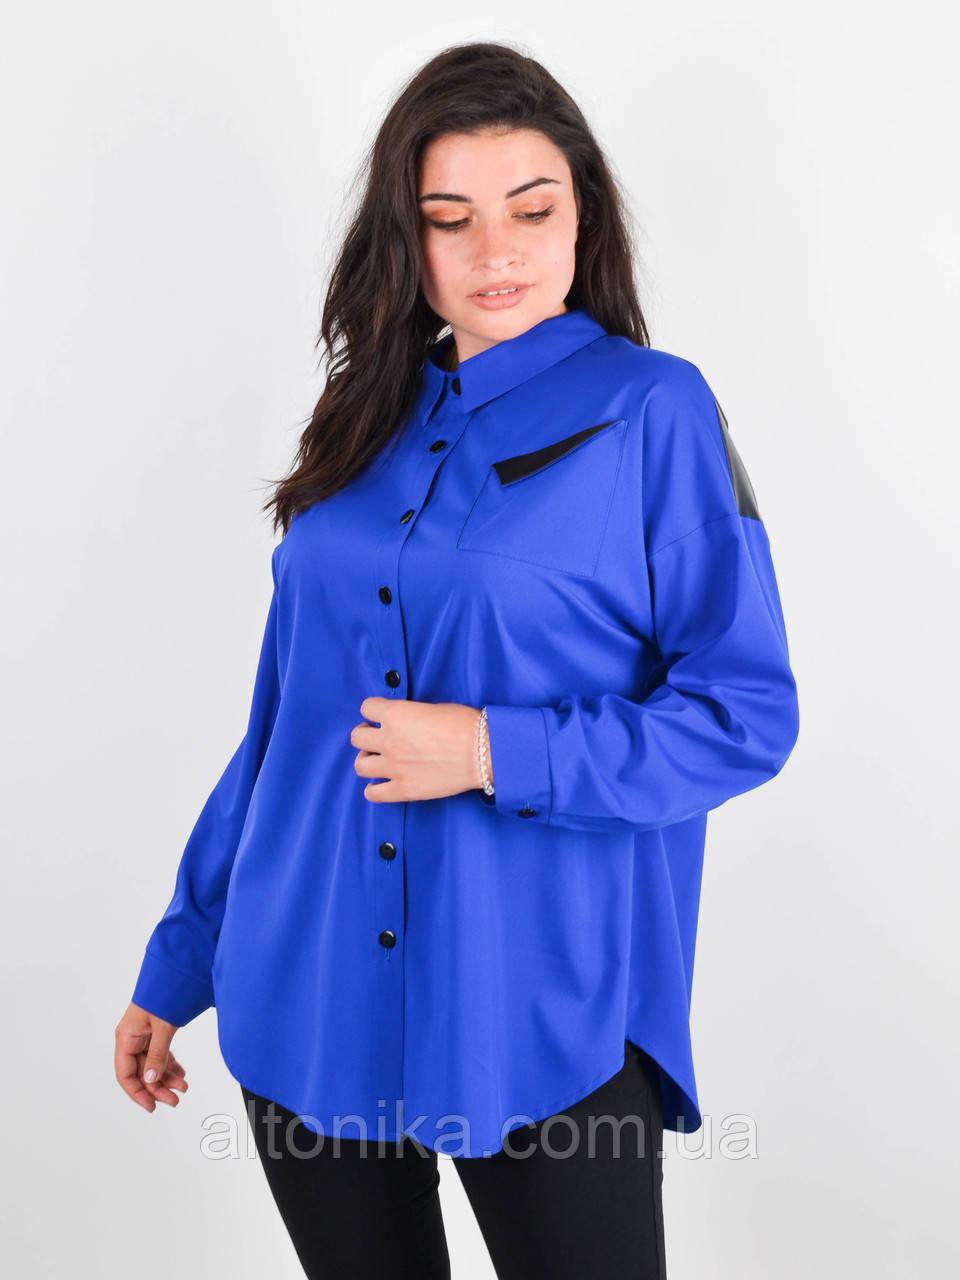 Николь. Женская рубашка для больших размеров. 50-52, 54-56